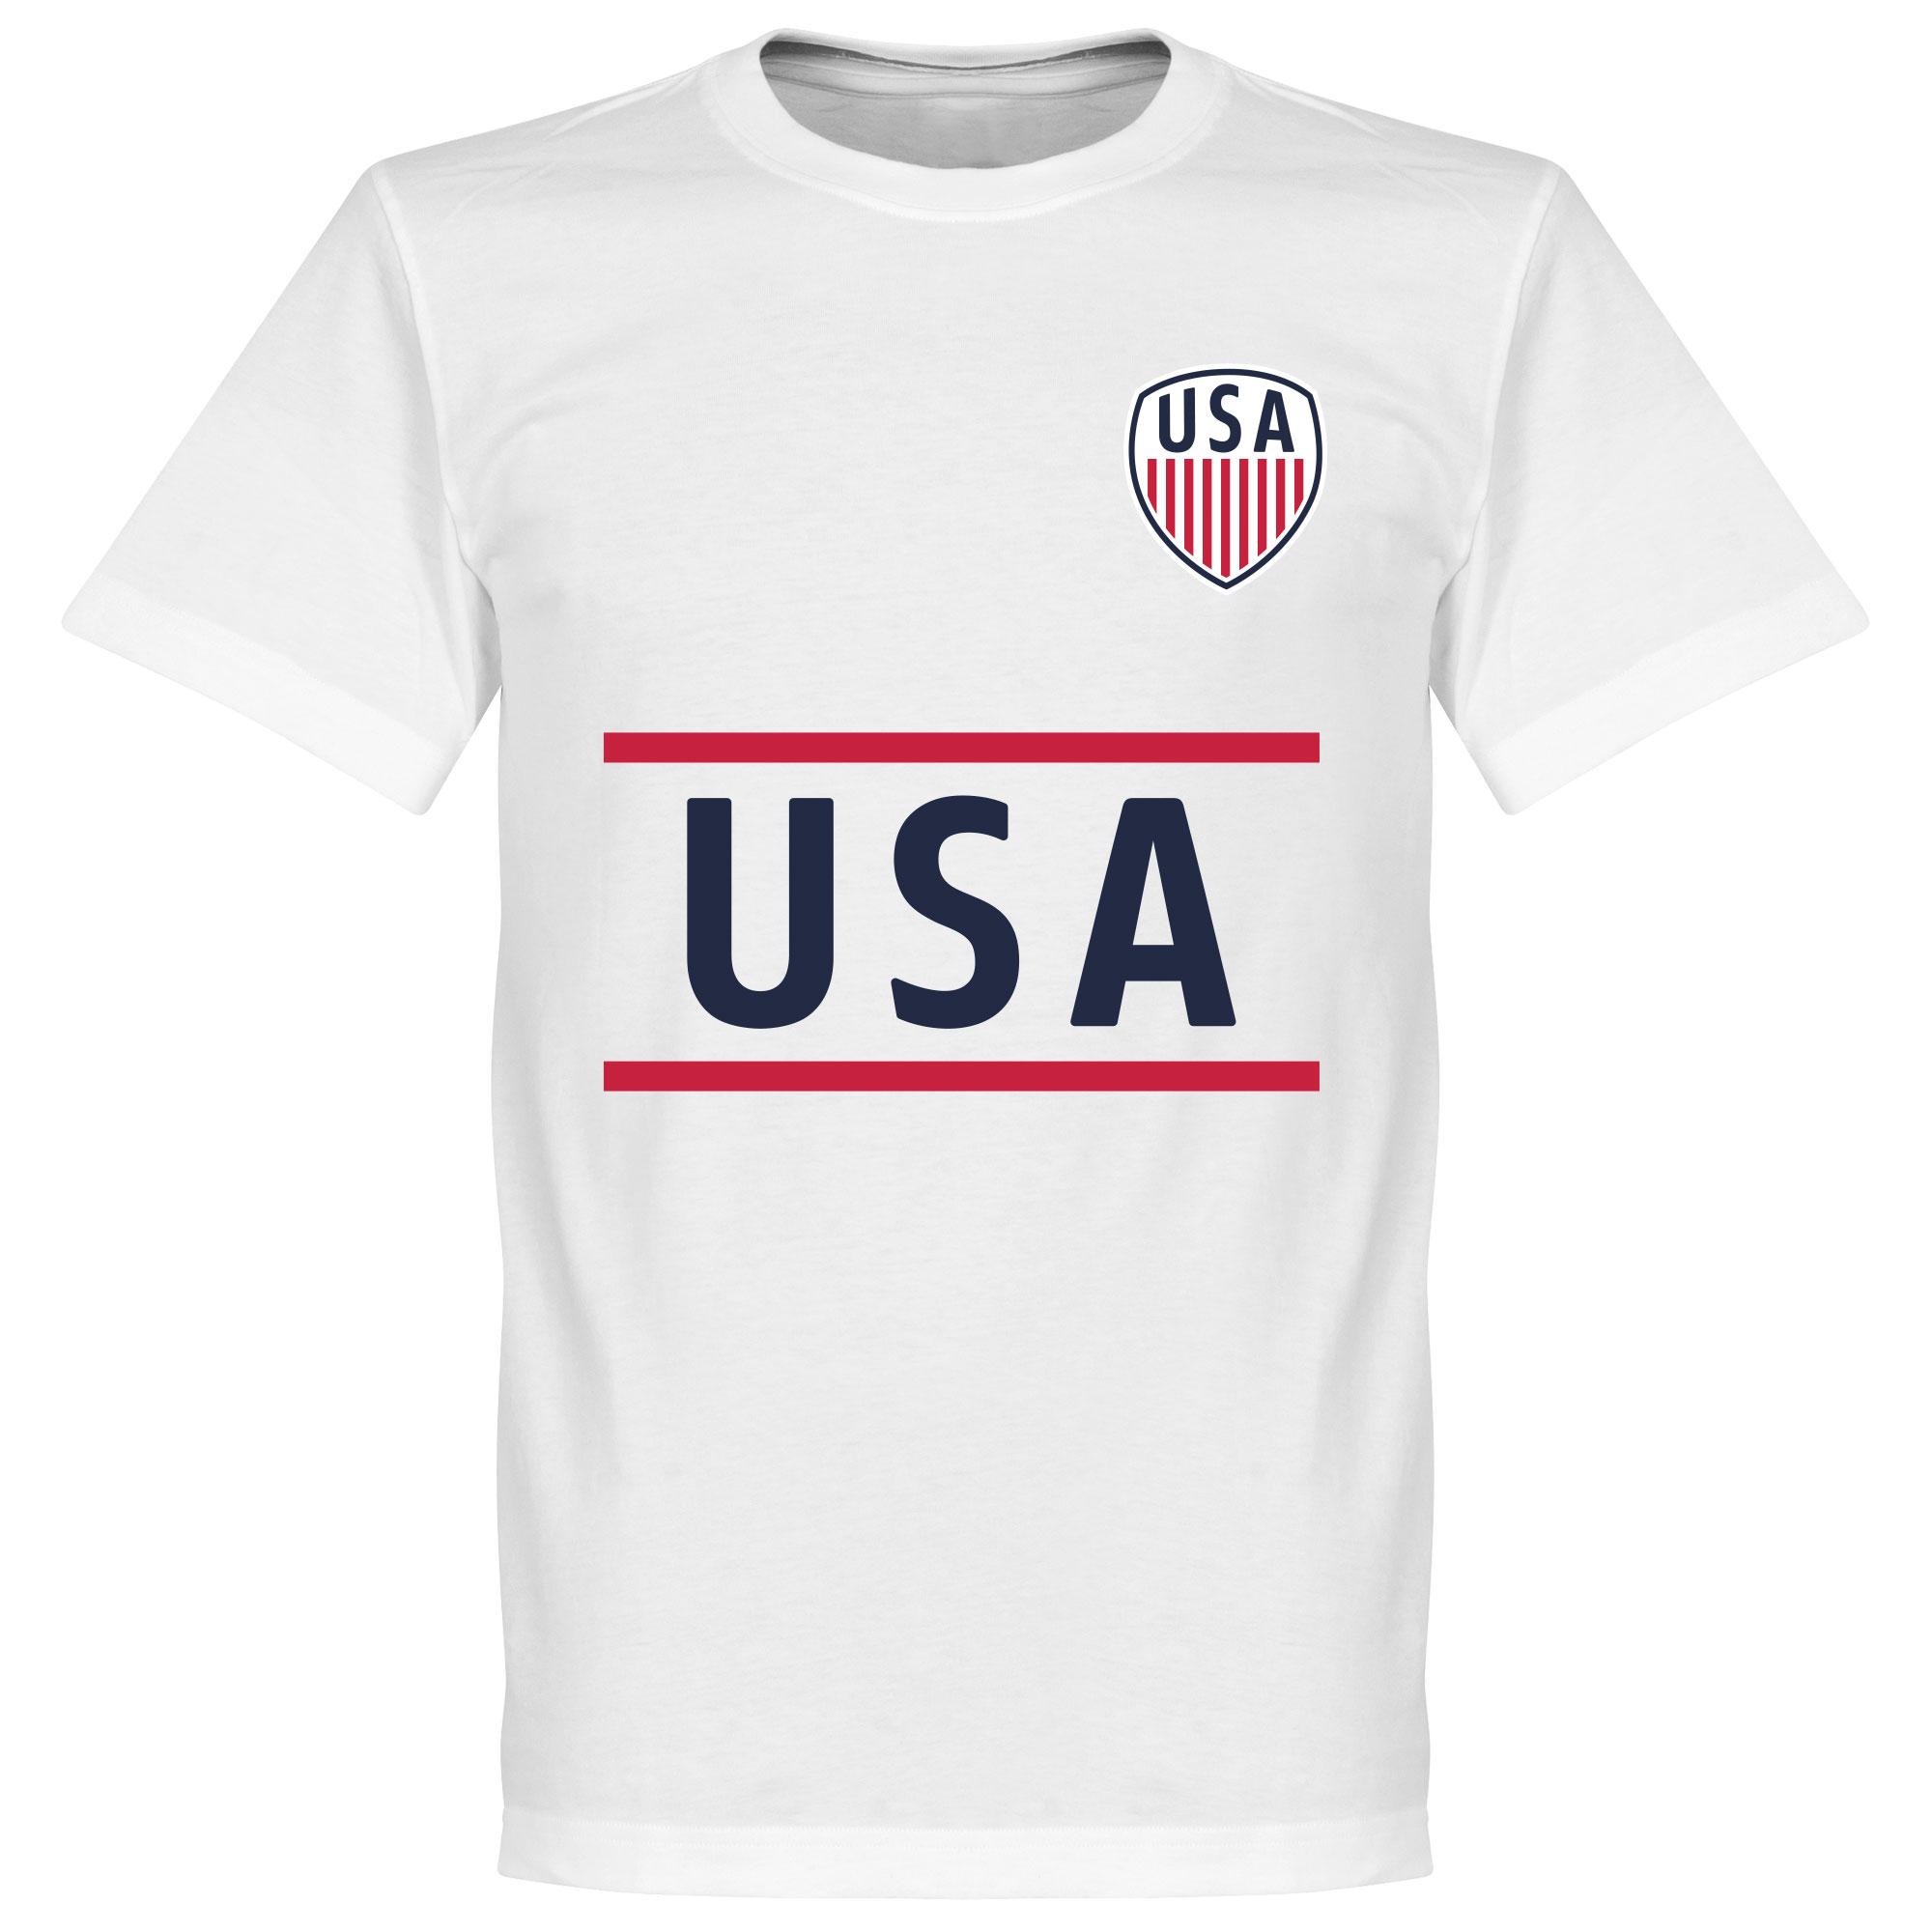 USA Team Tee - White - XL